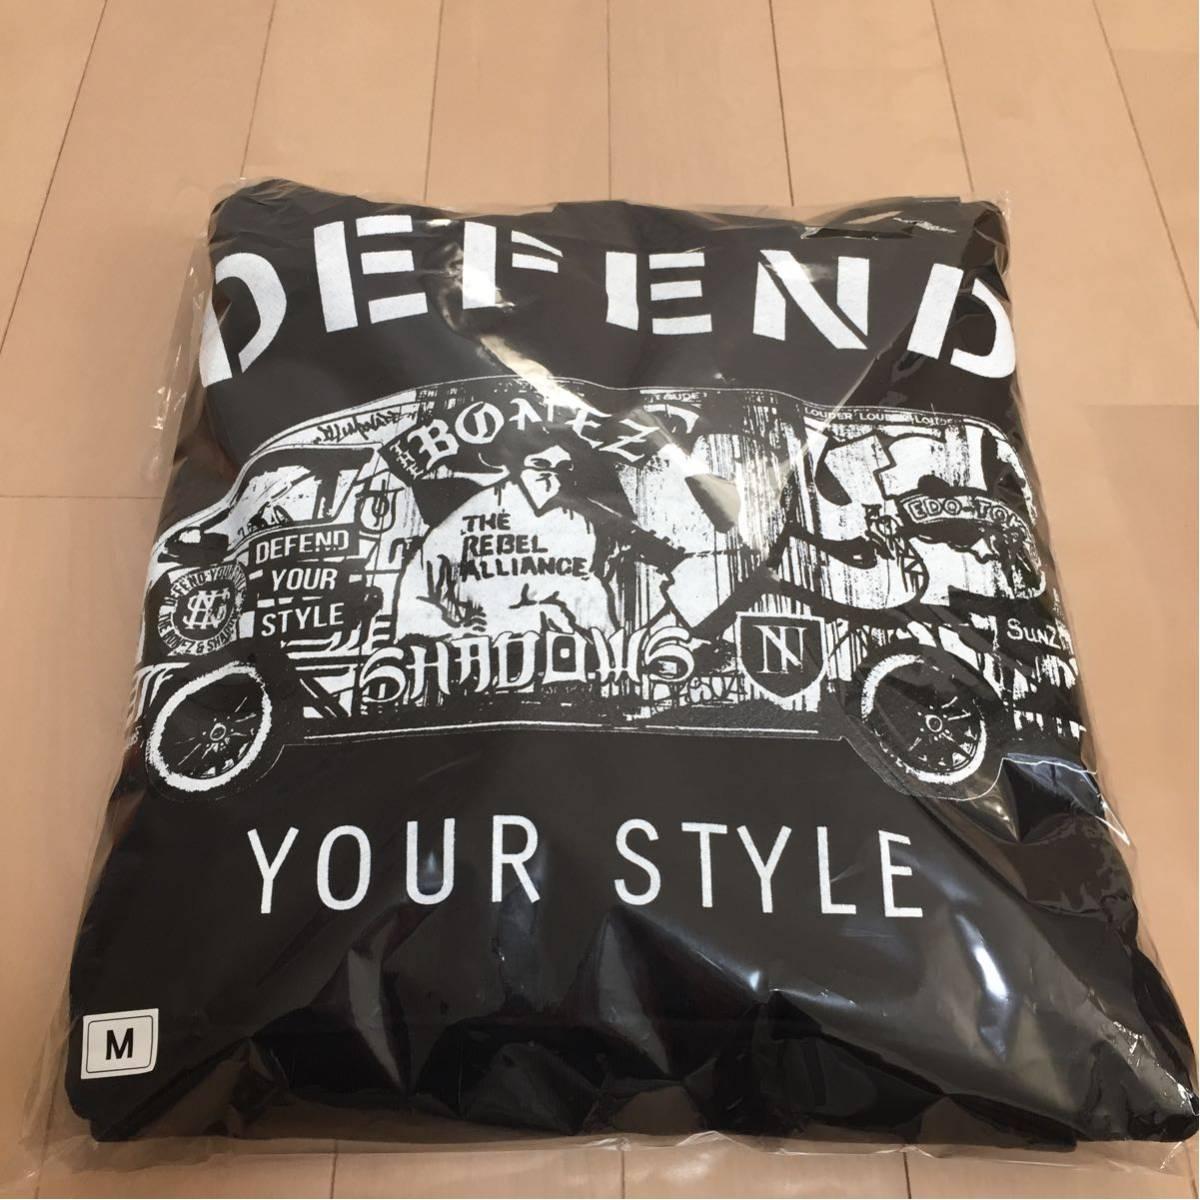 新品!!●The BONEZ × SHADOWS パーカー Mサイズ ブラック 黒 DEFEND YOUR STYLE DYS RIZE JESSE PTP●